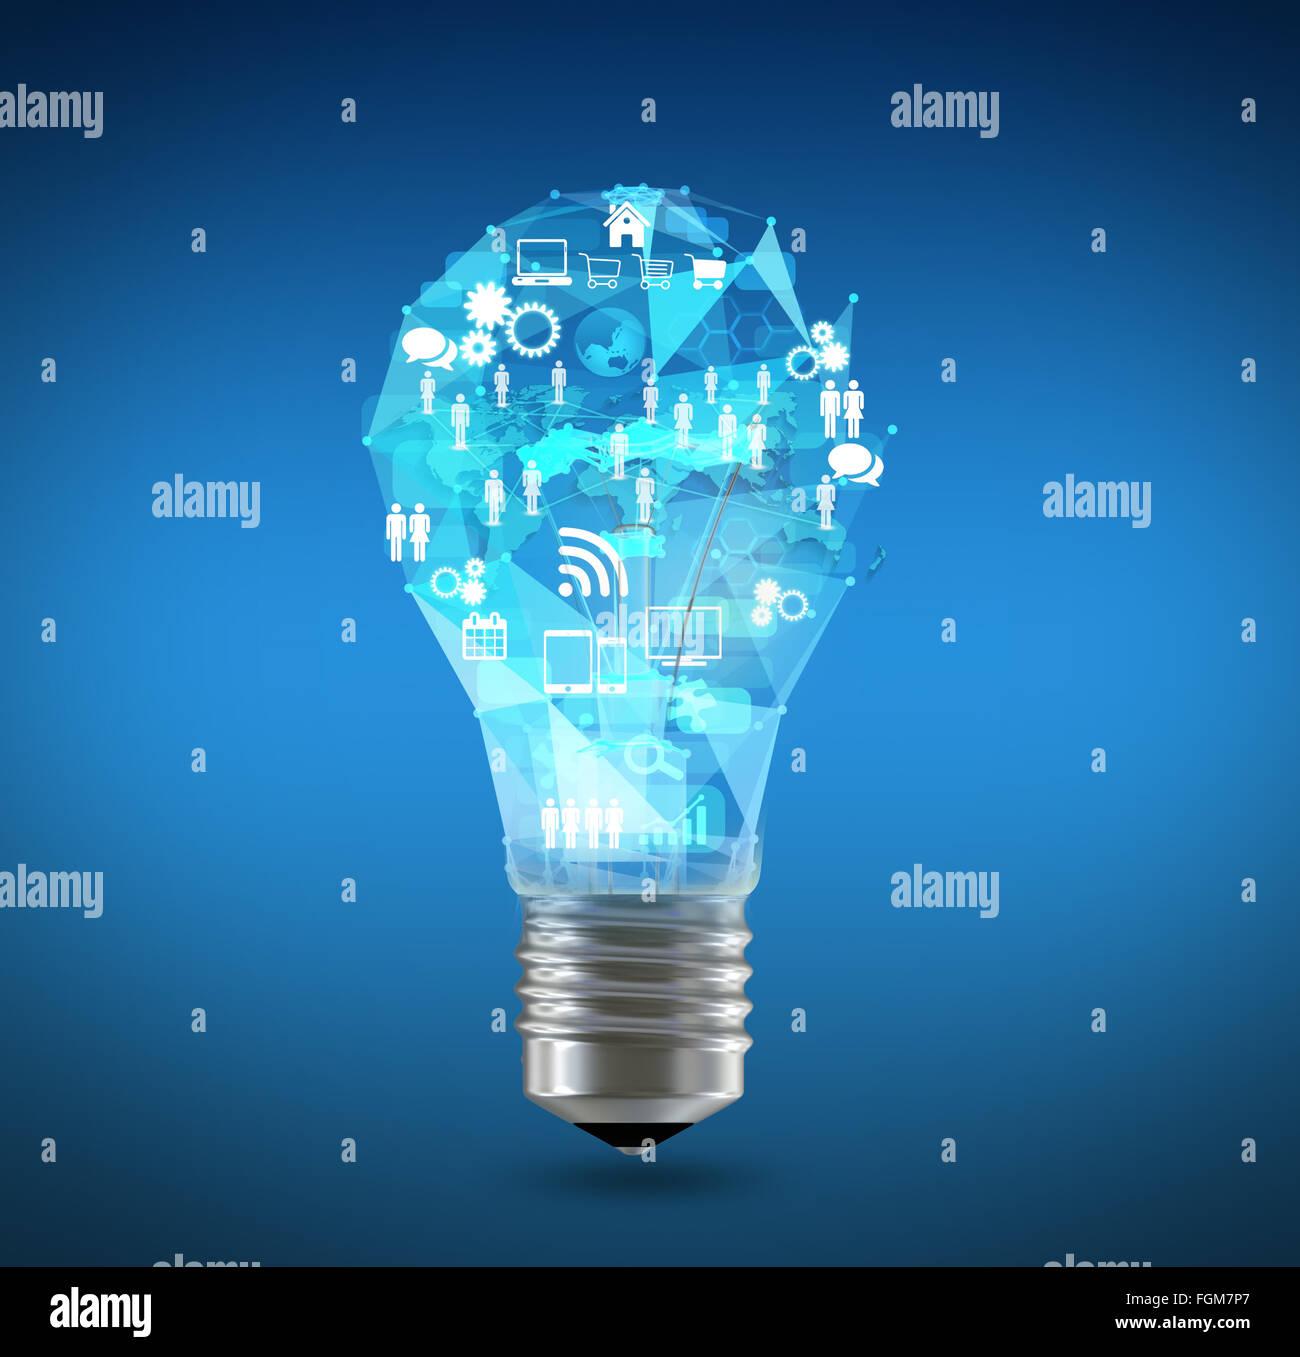 Iconos de la lámpara y el mapa del mundo en la parte superior Imagen De Stock